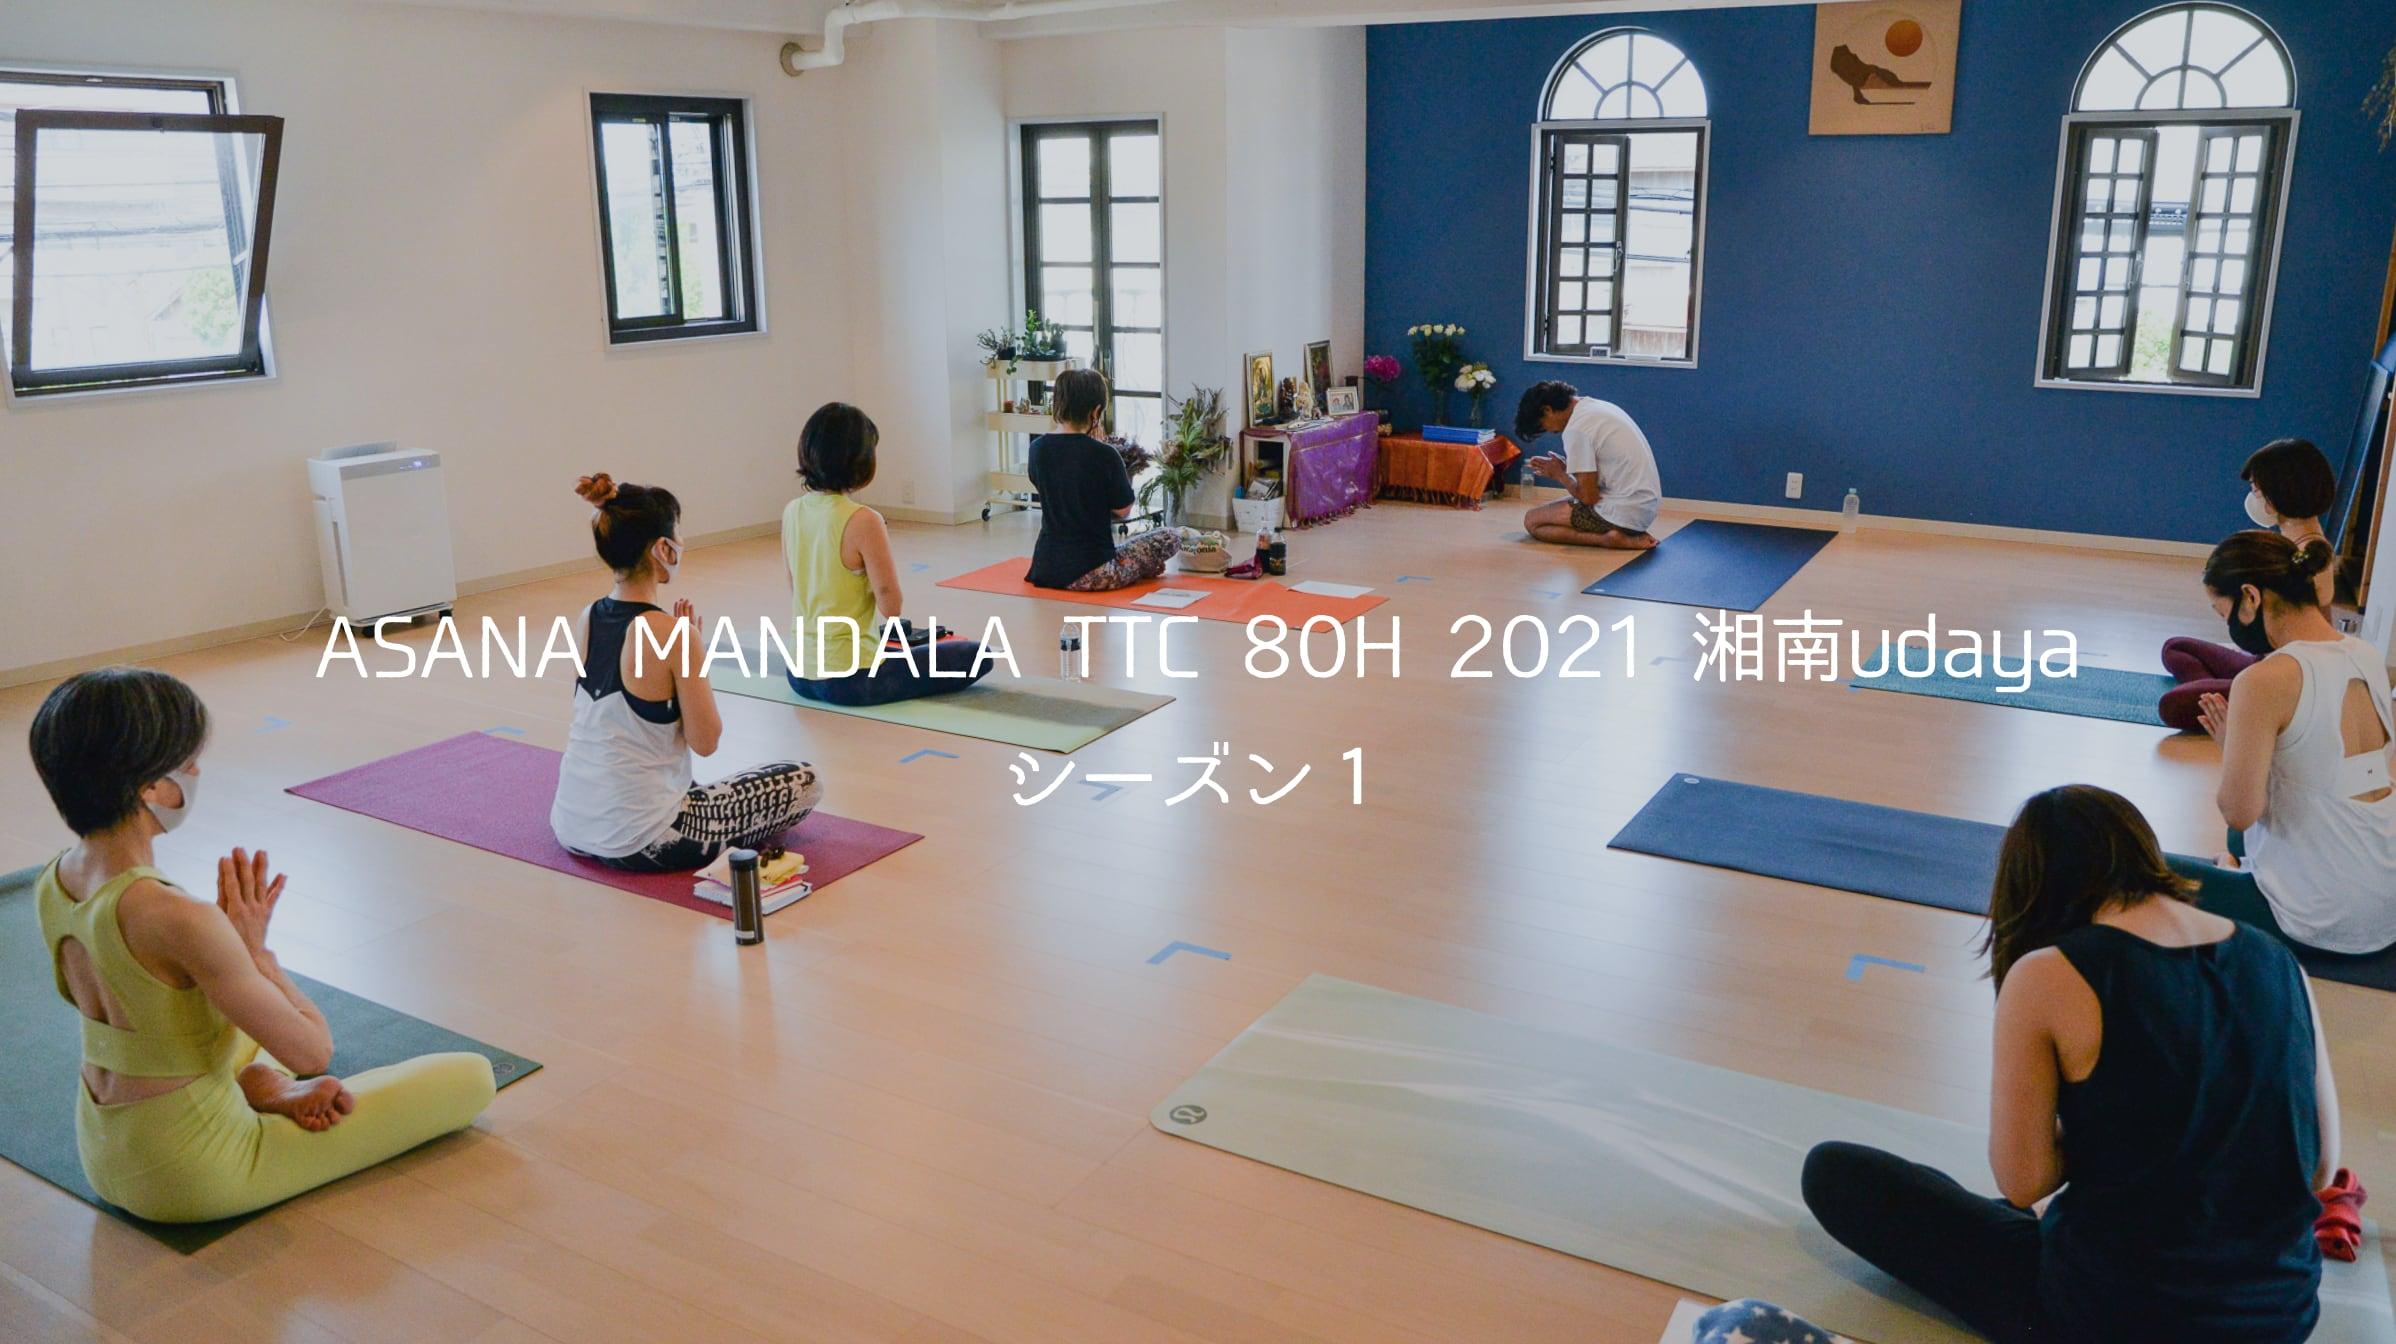 ASANA MANDALA TTC 80H 2021 湘南udaya,kazuya先生